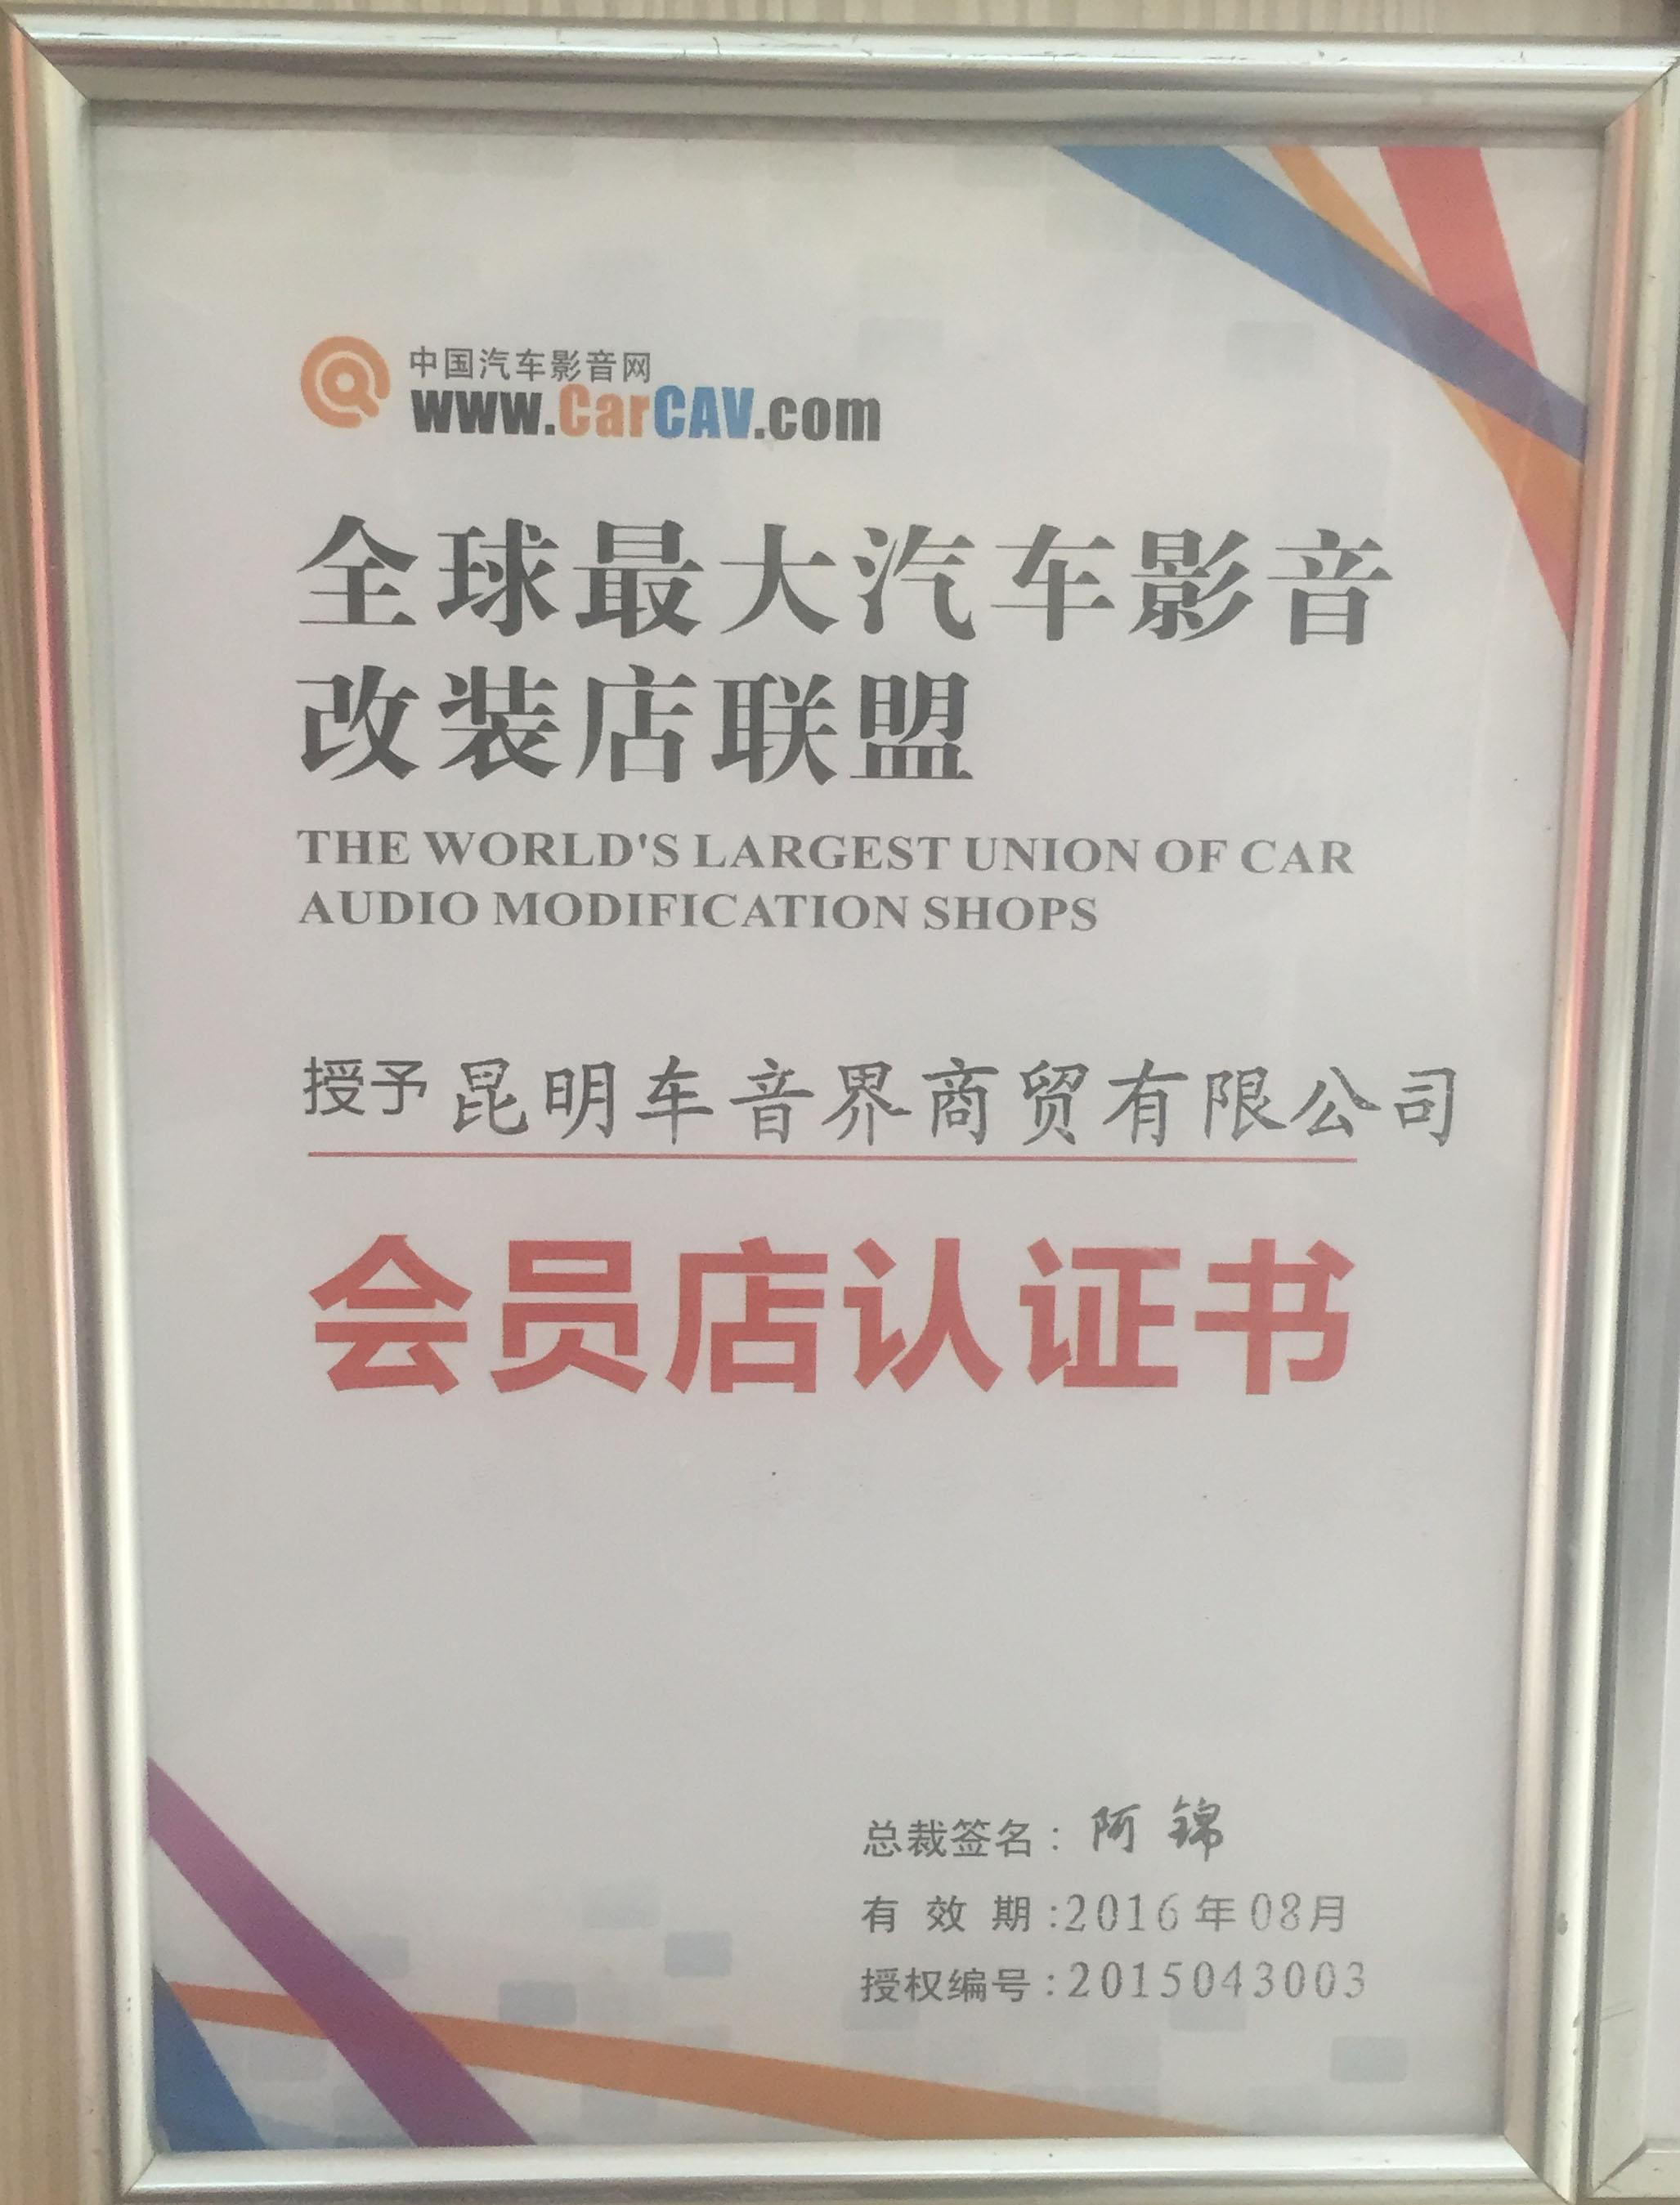 全球最大汽车影音改装店联盟,车音界荣获会员店认证称号